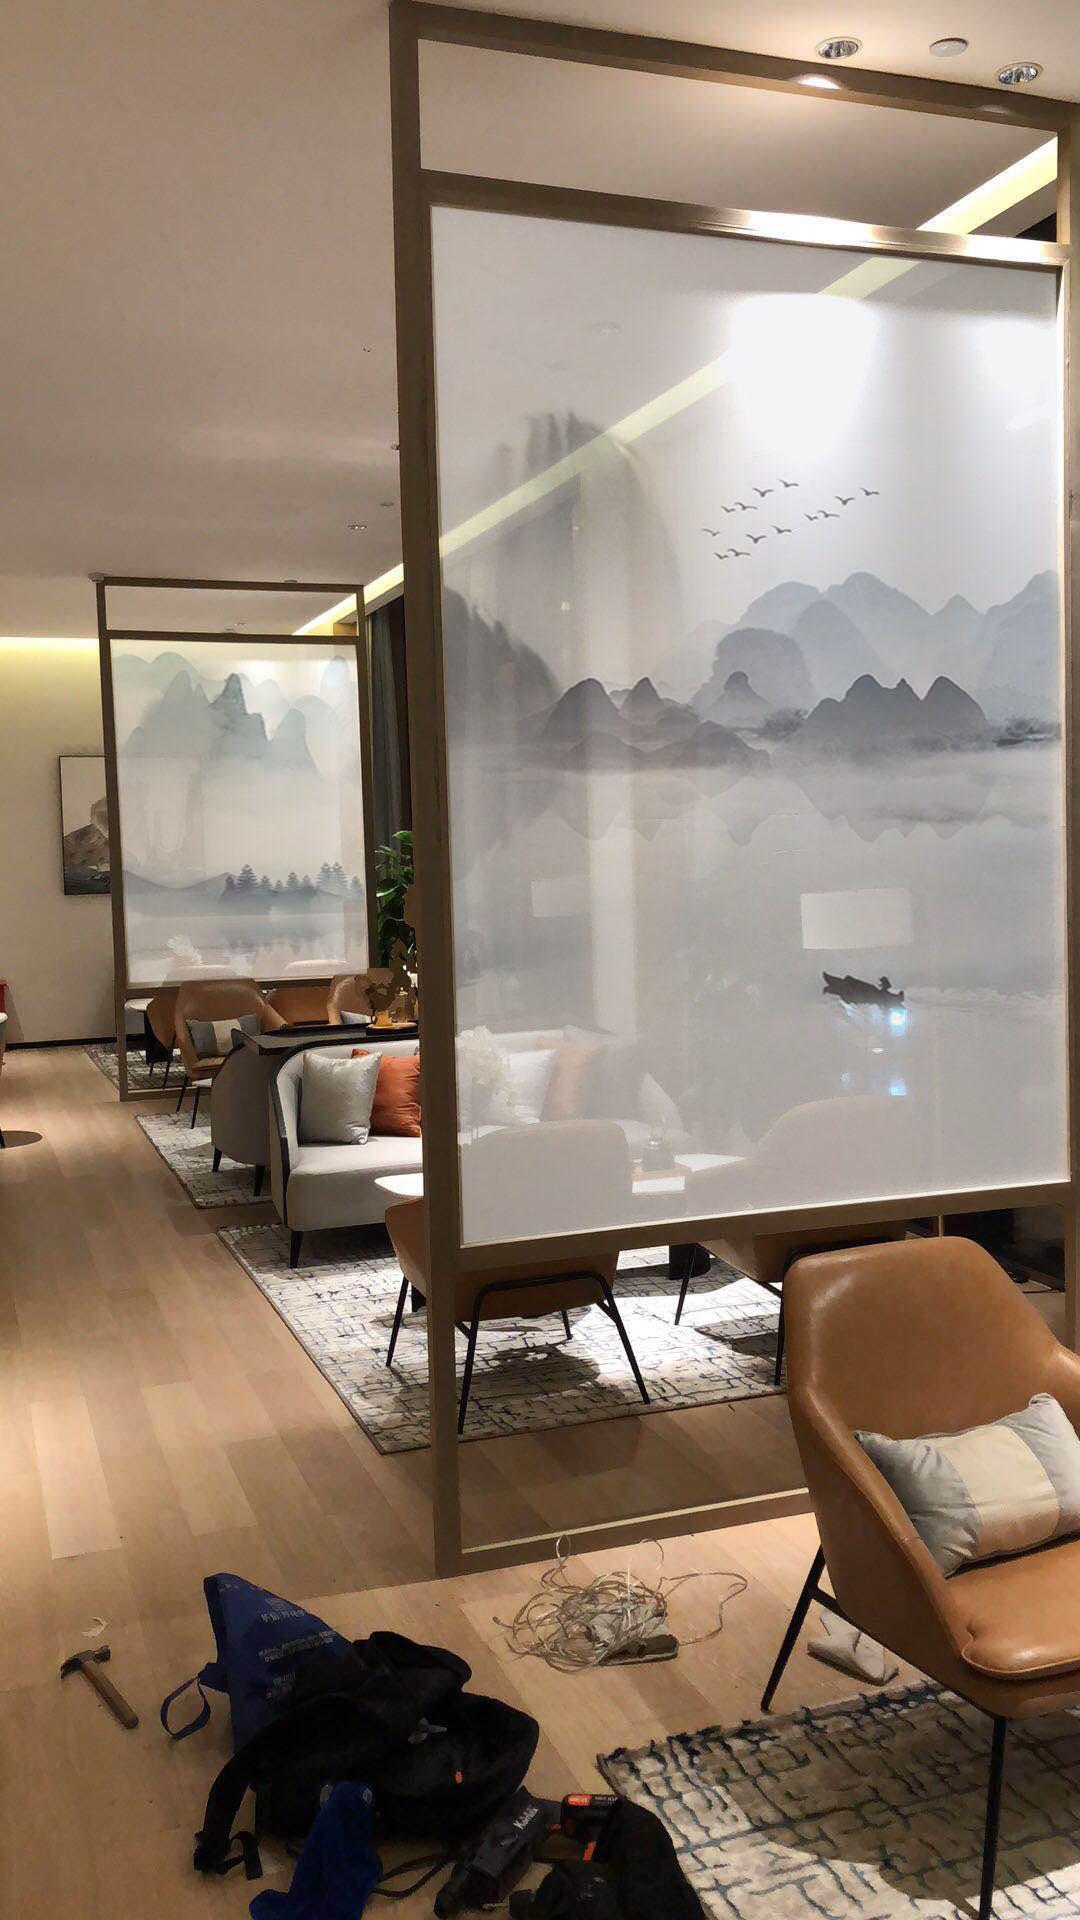 武汉新中式风格彩绘山水写意壁画武汉墙绘壁画武汉上门人工手绘